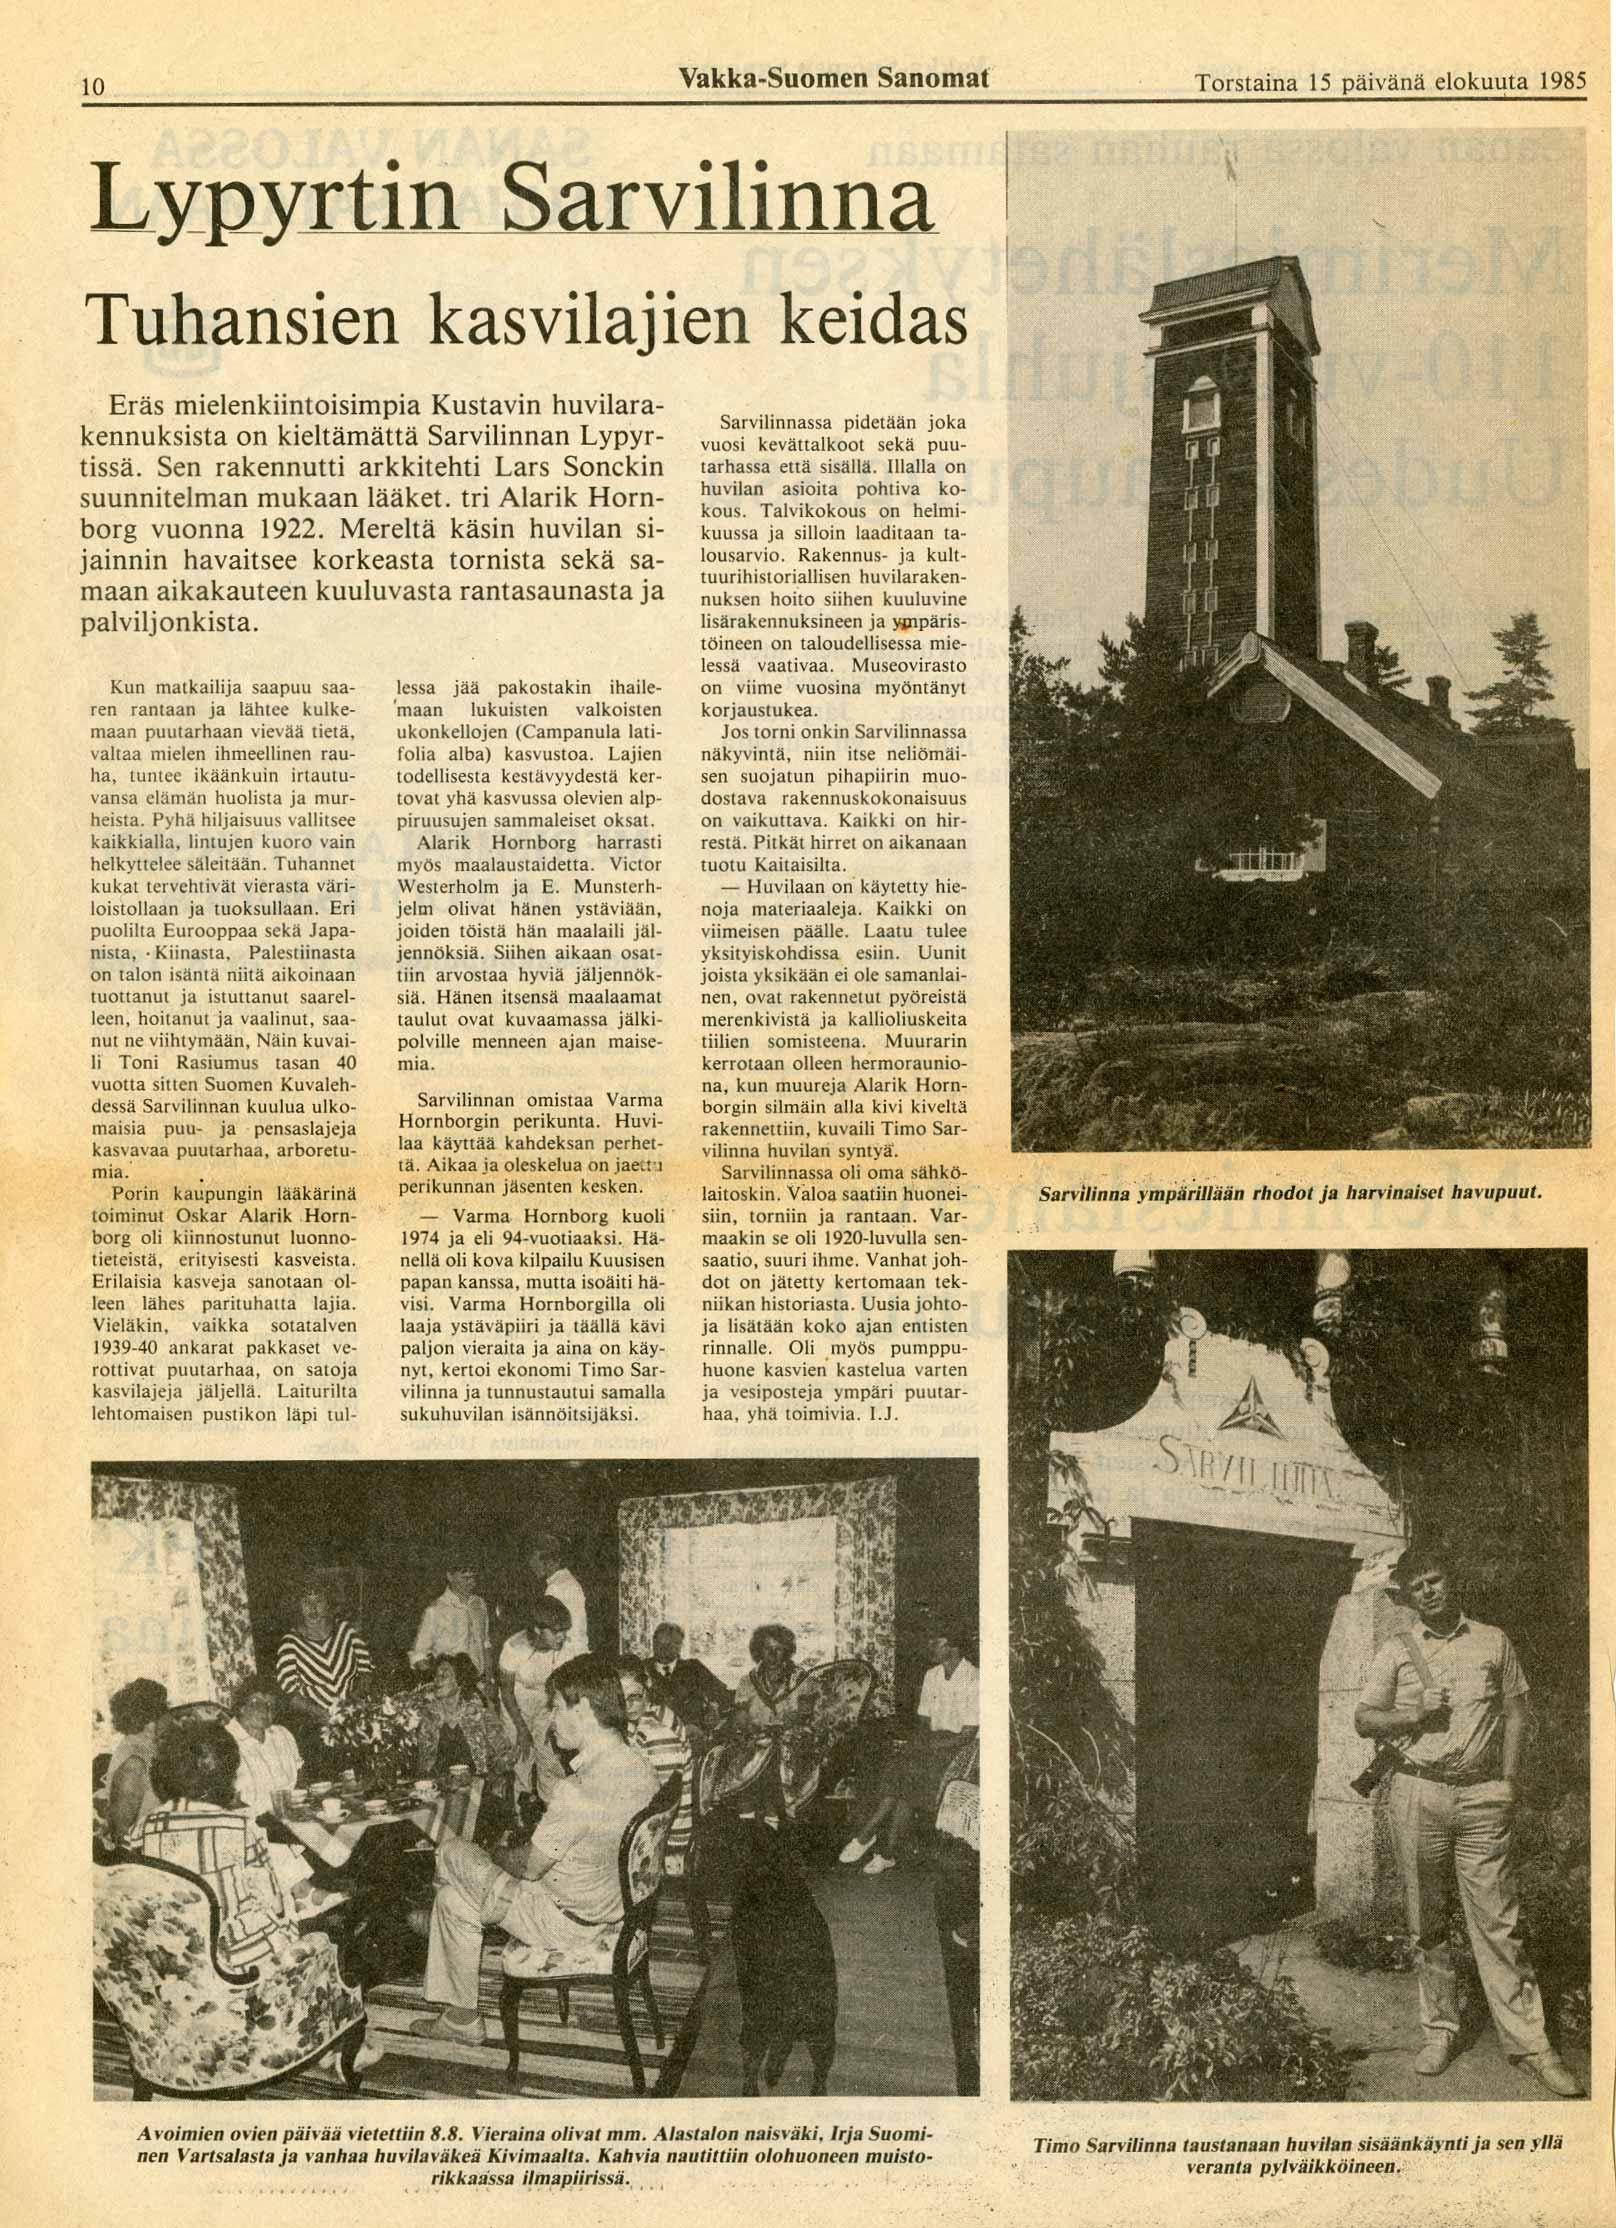 Vakka-Suomen Sanomat 15.8.1985